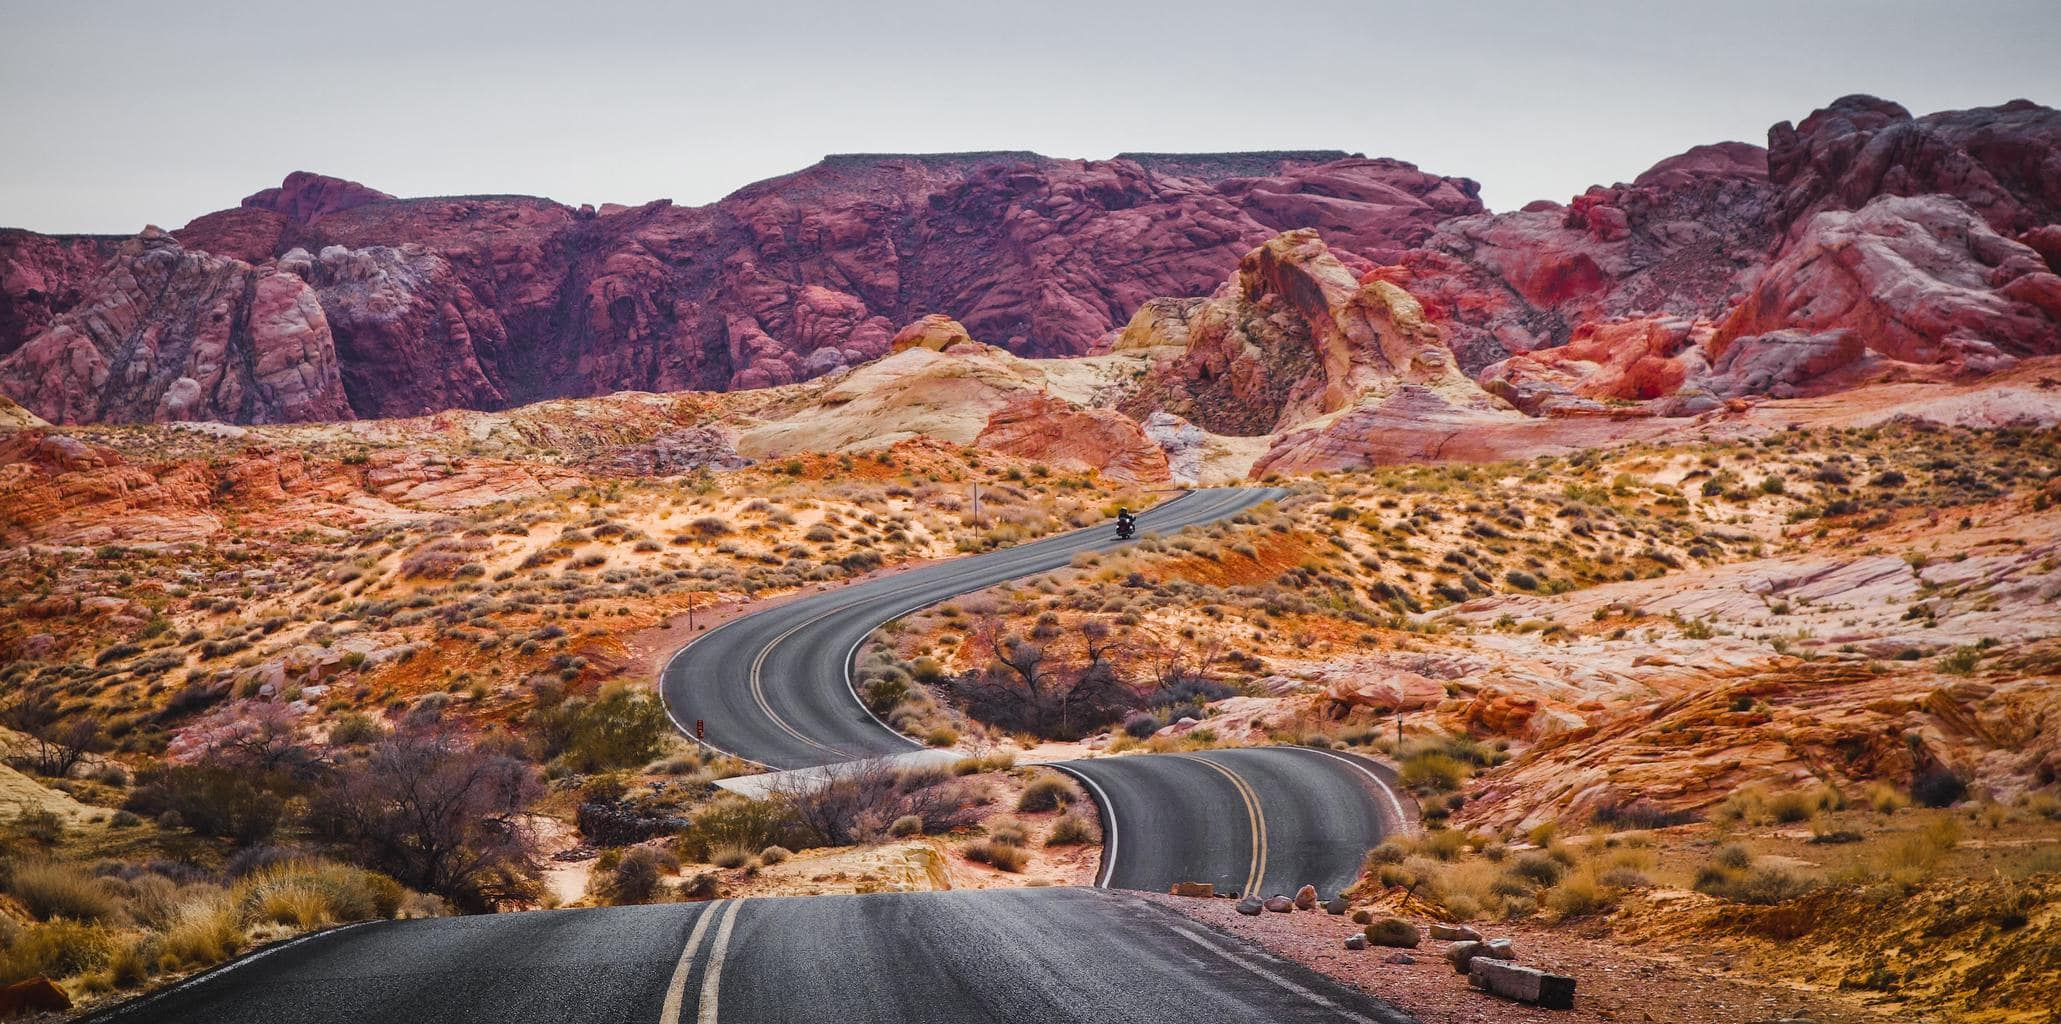 Carreteras solitarias